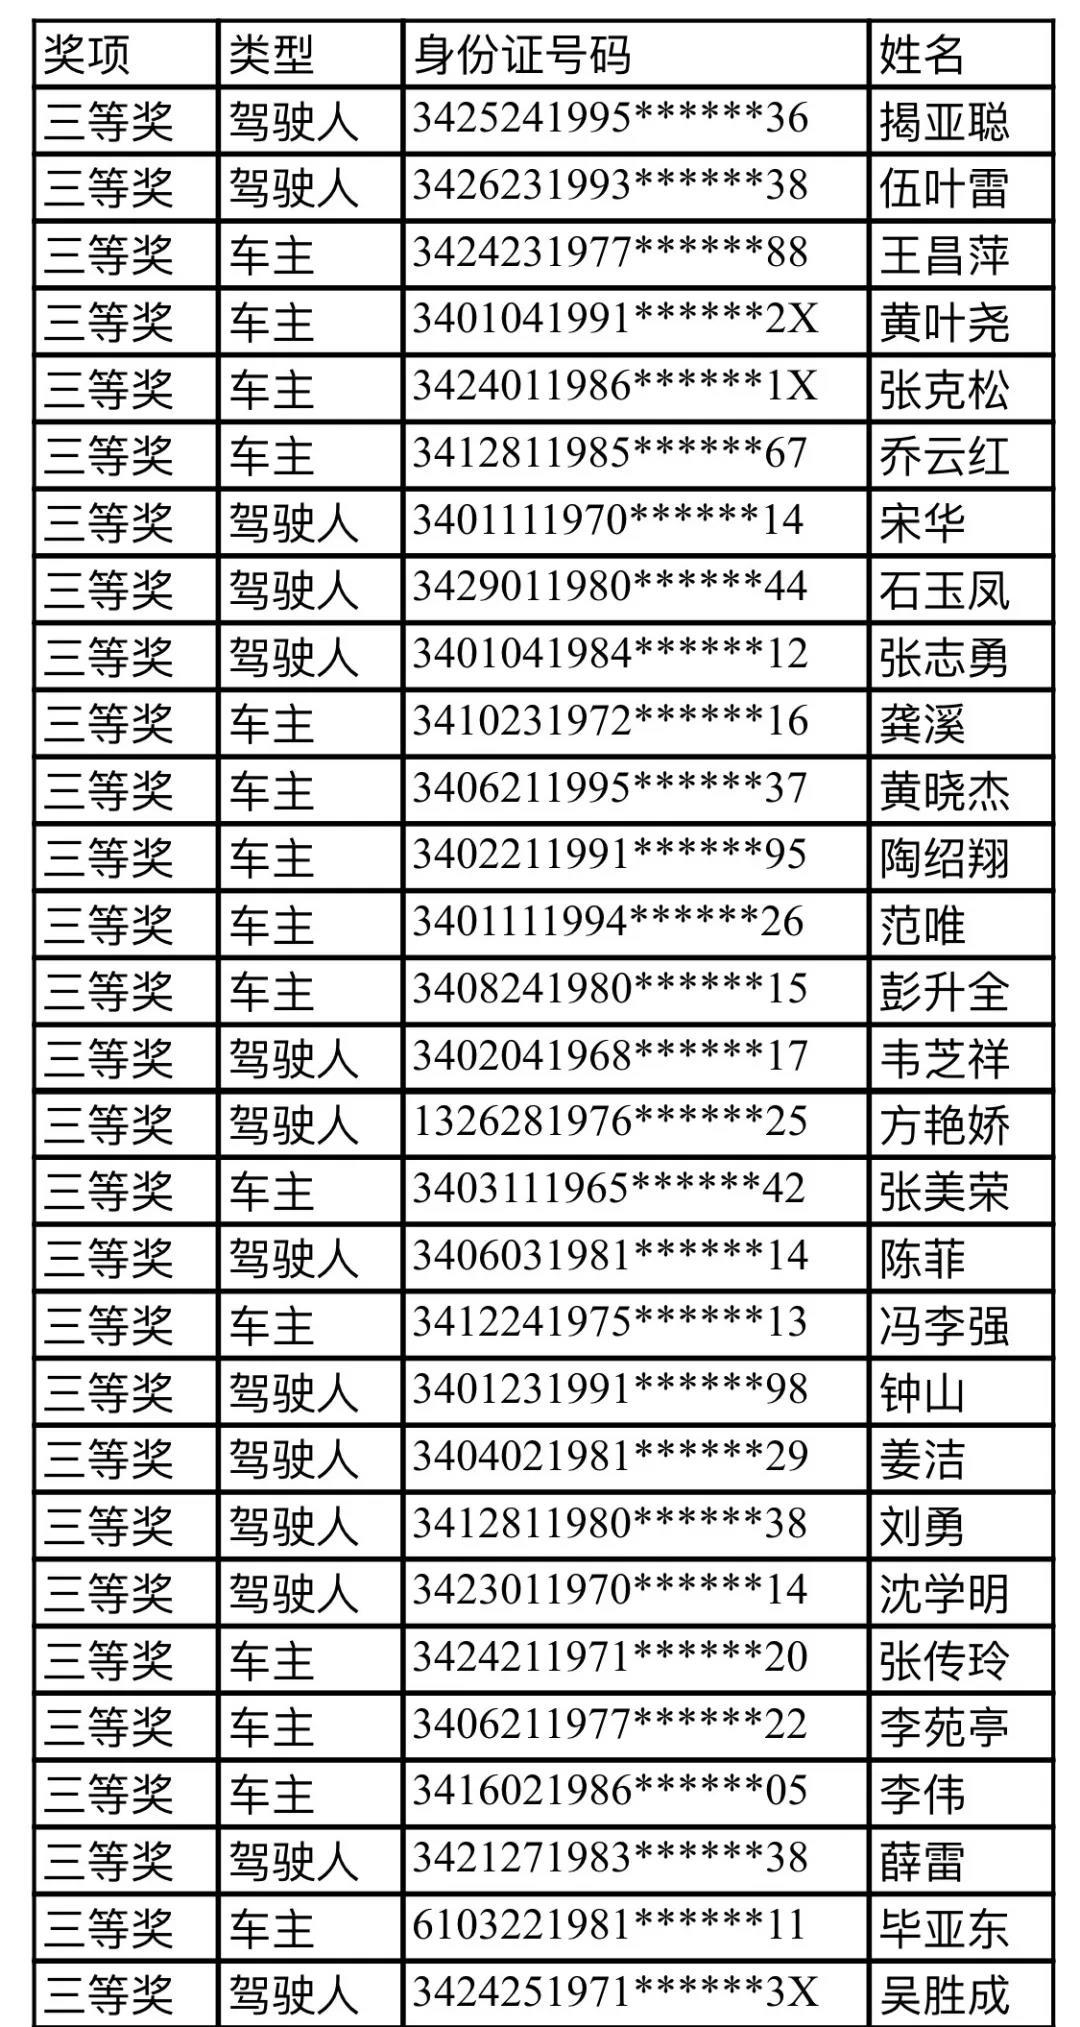 微信图片_20181129145053.jpg